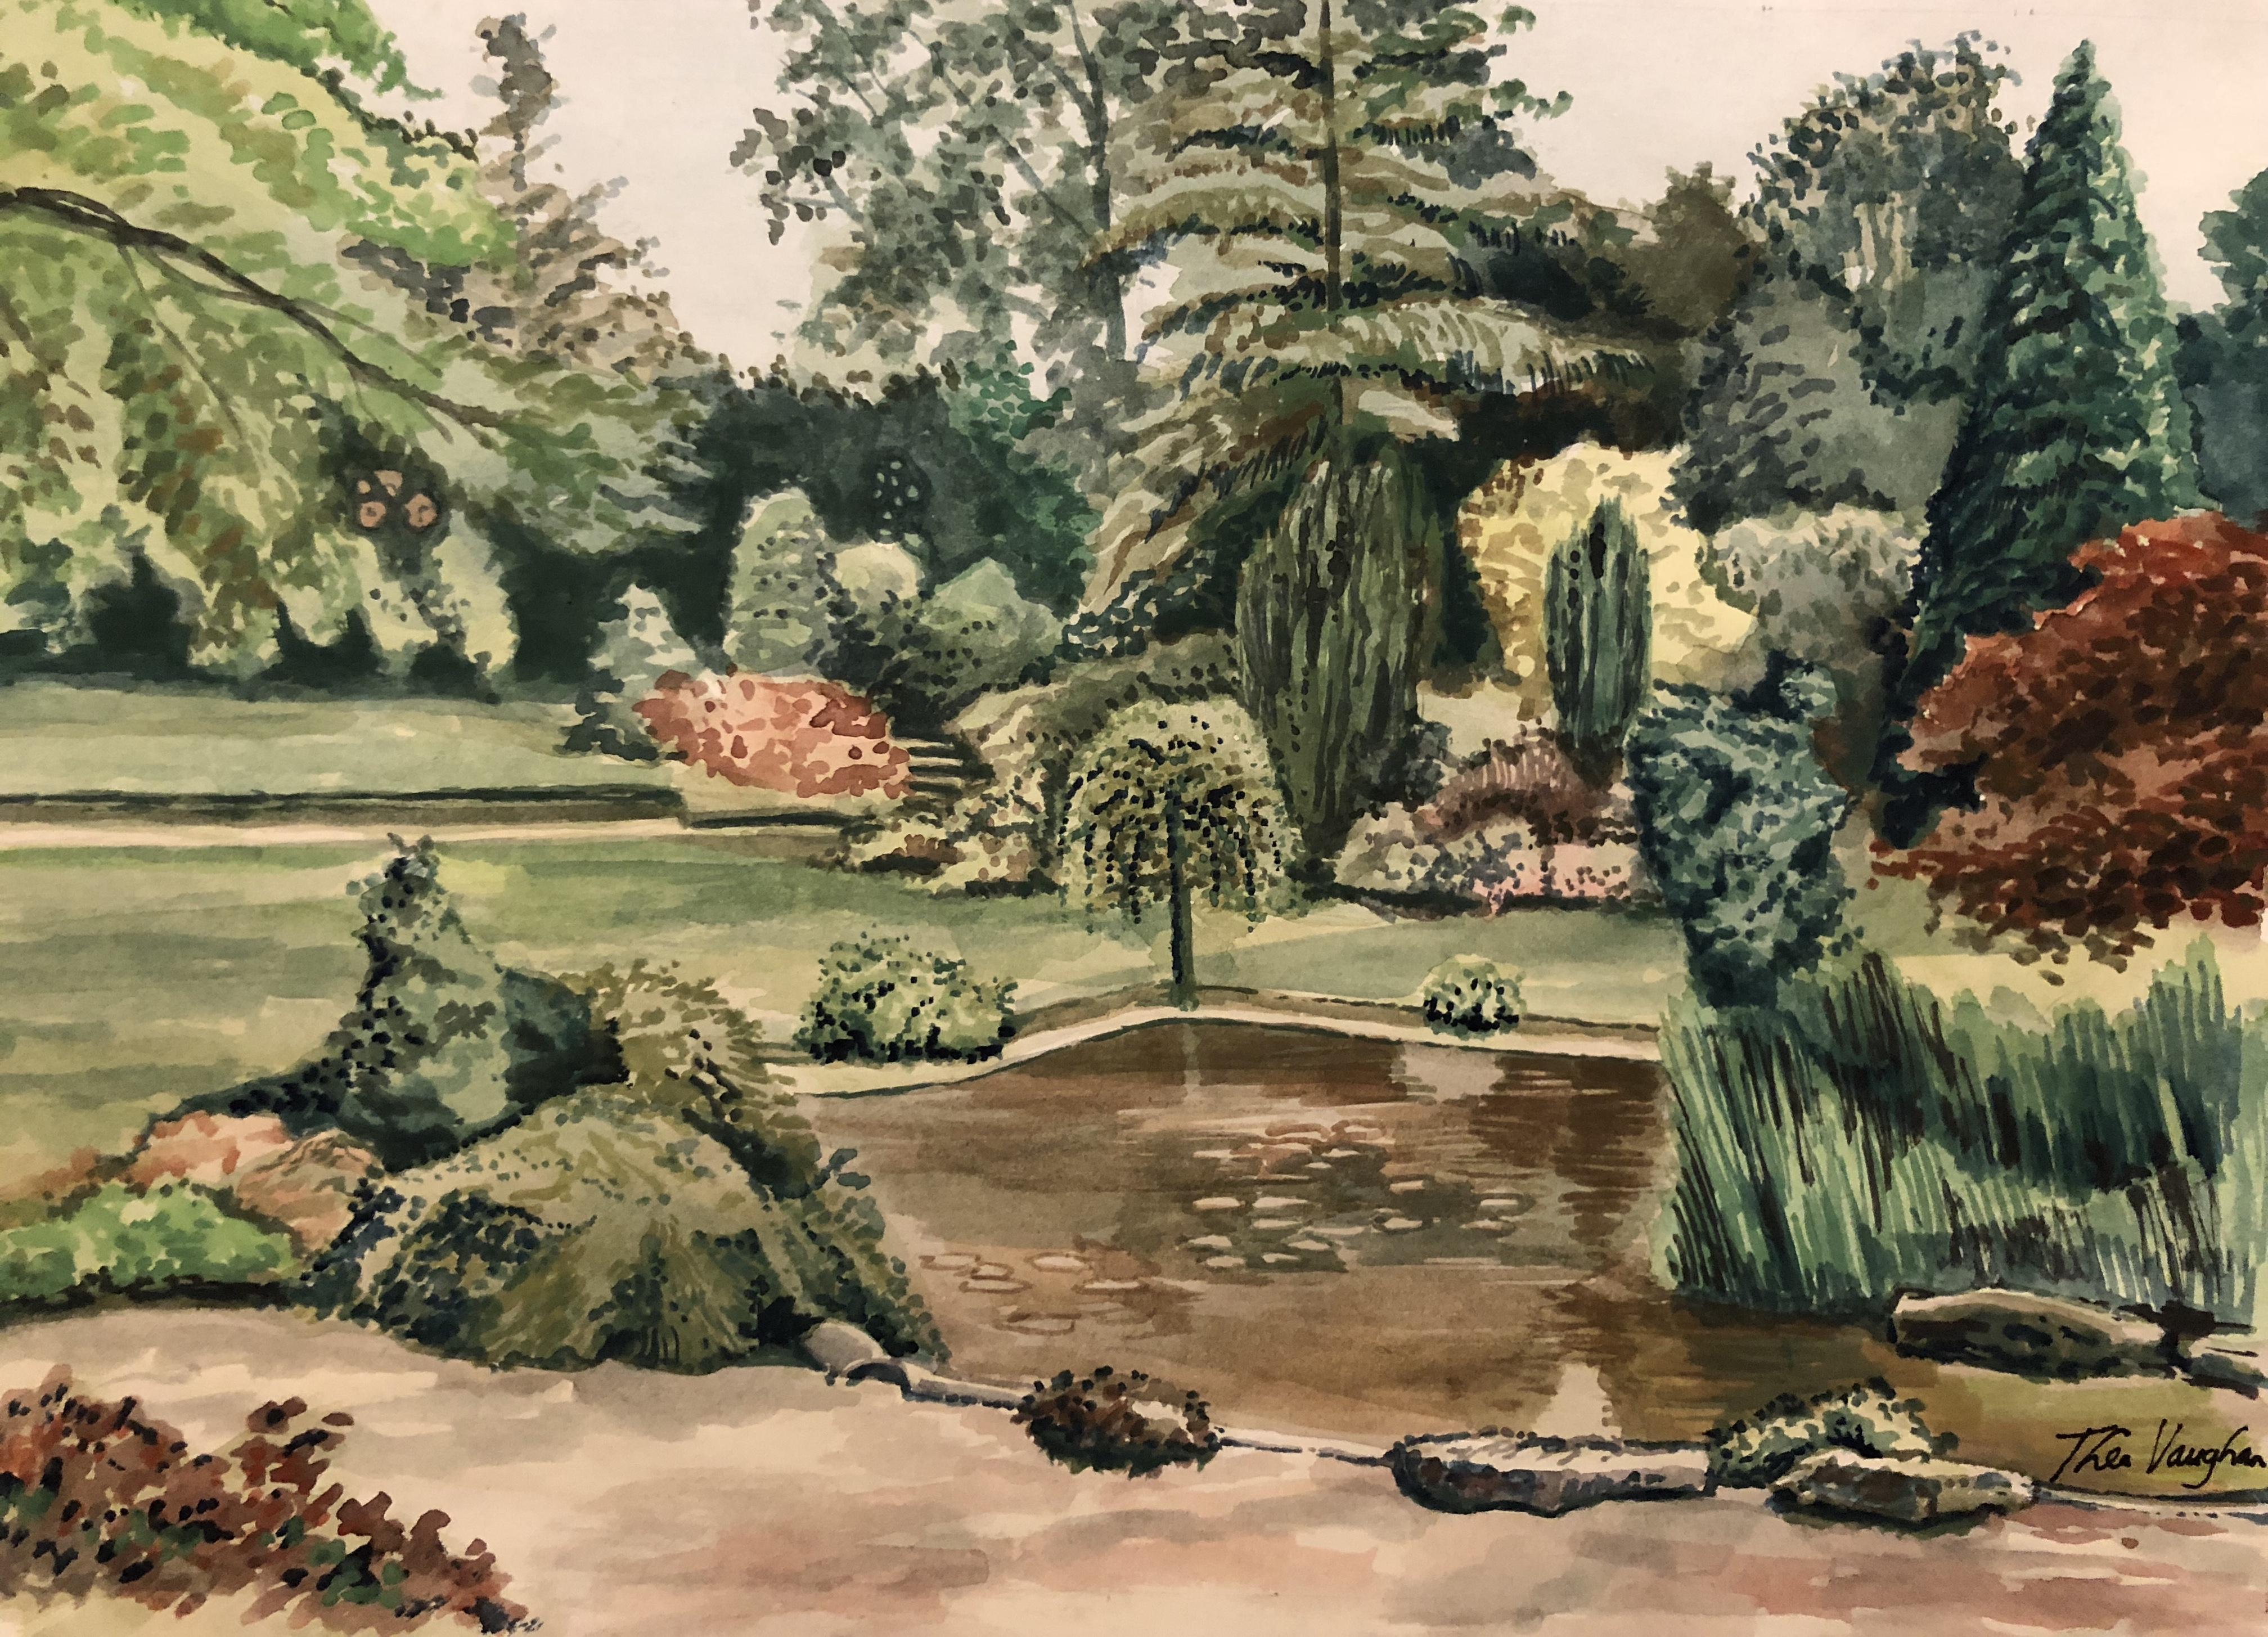 Rock Pools at Moss Bank Park